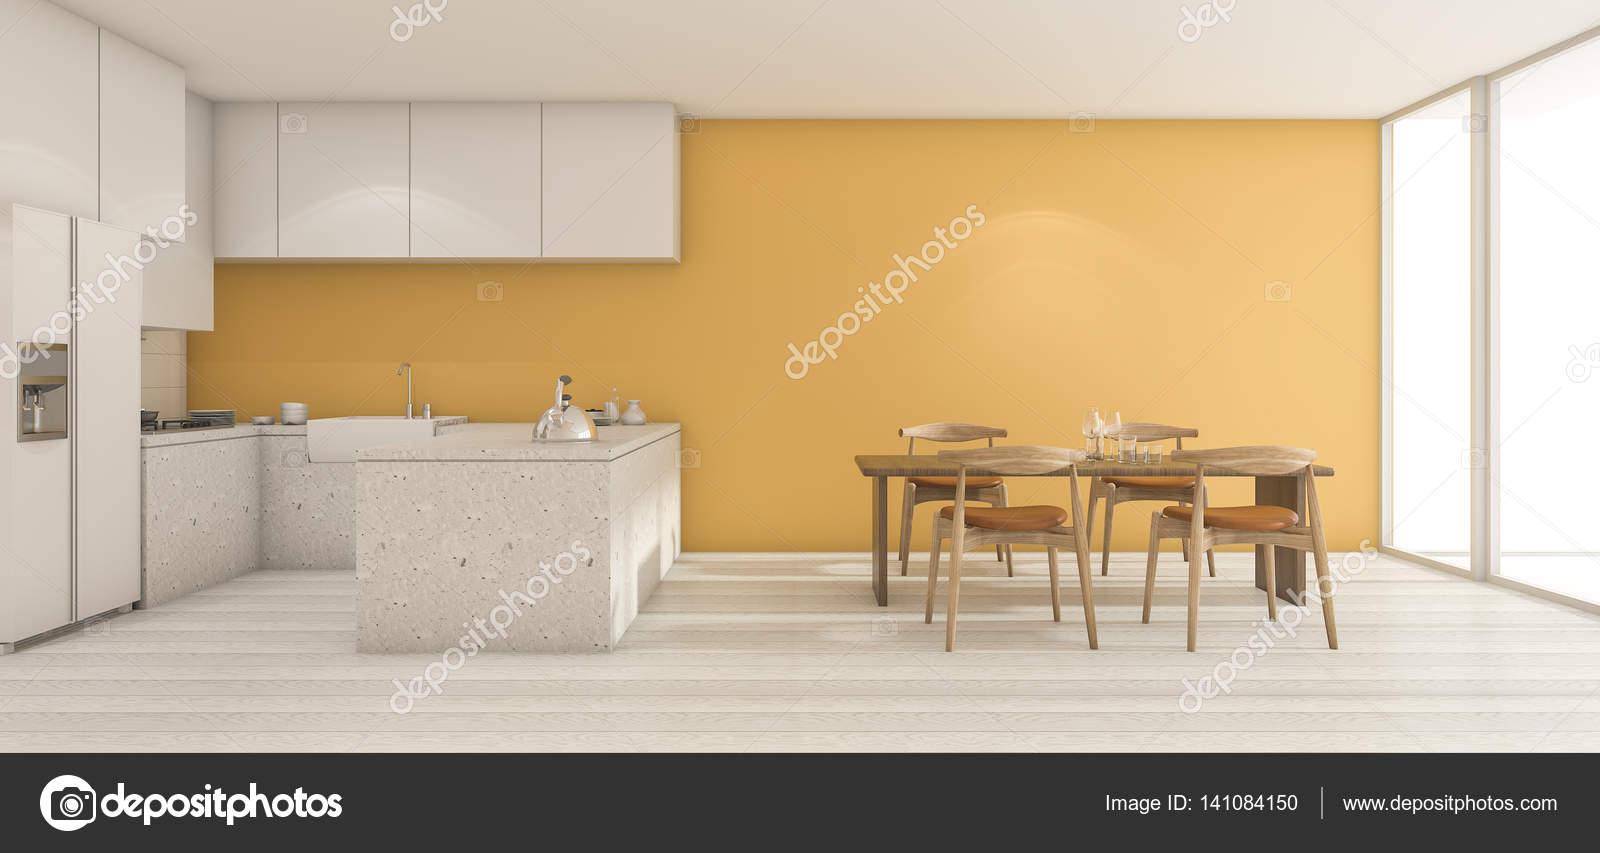 Tavoli Da Parete Cucina : 3d rendering largo giallo parete cucina con tavolo da pranzo in